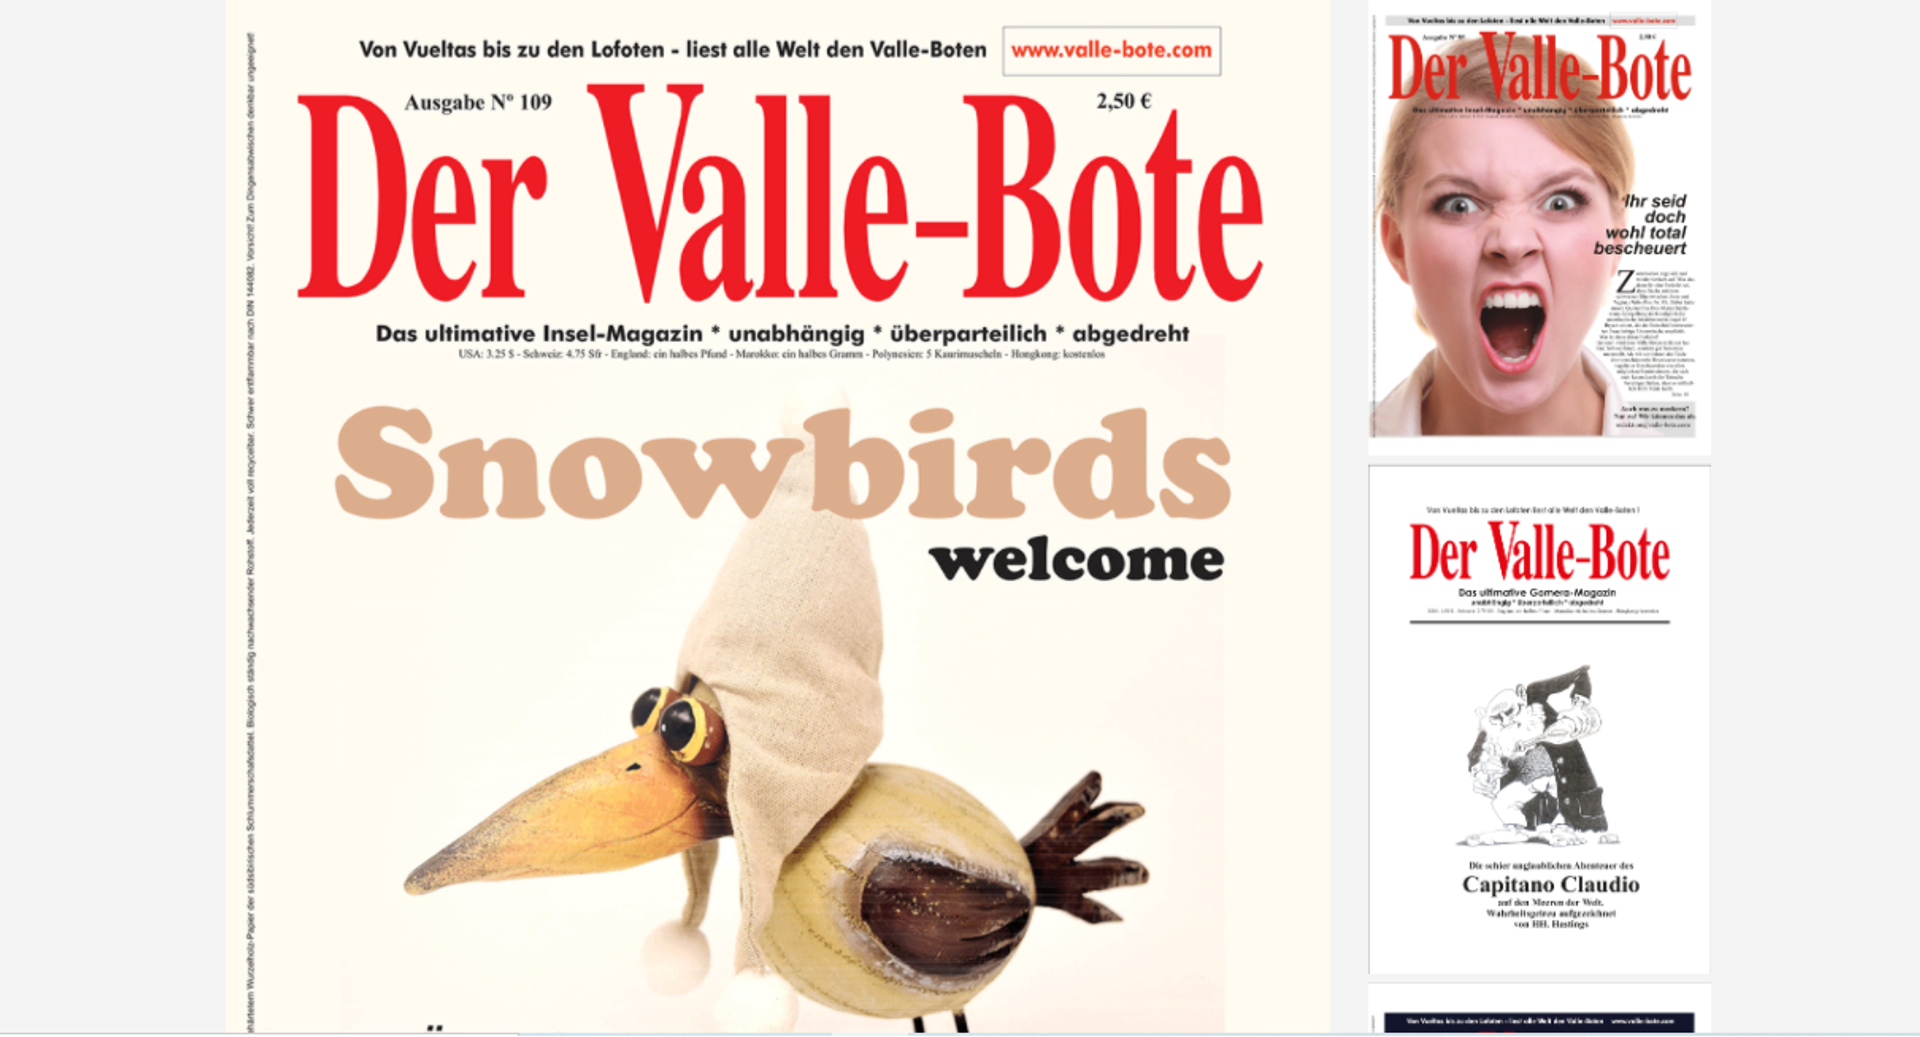 Varias portadas de la revista en alemán Der Valle-Bote, de La Gomera - Sputnik Mundo, 1920, 25.03.2021